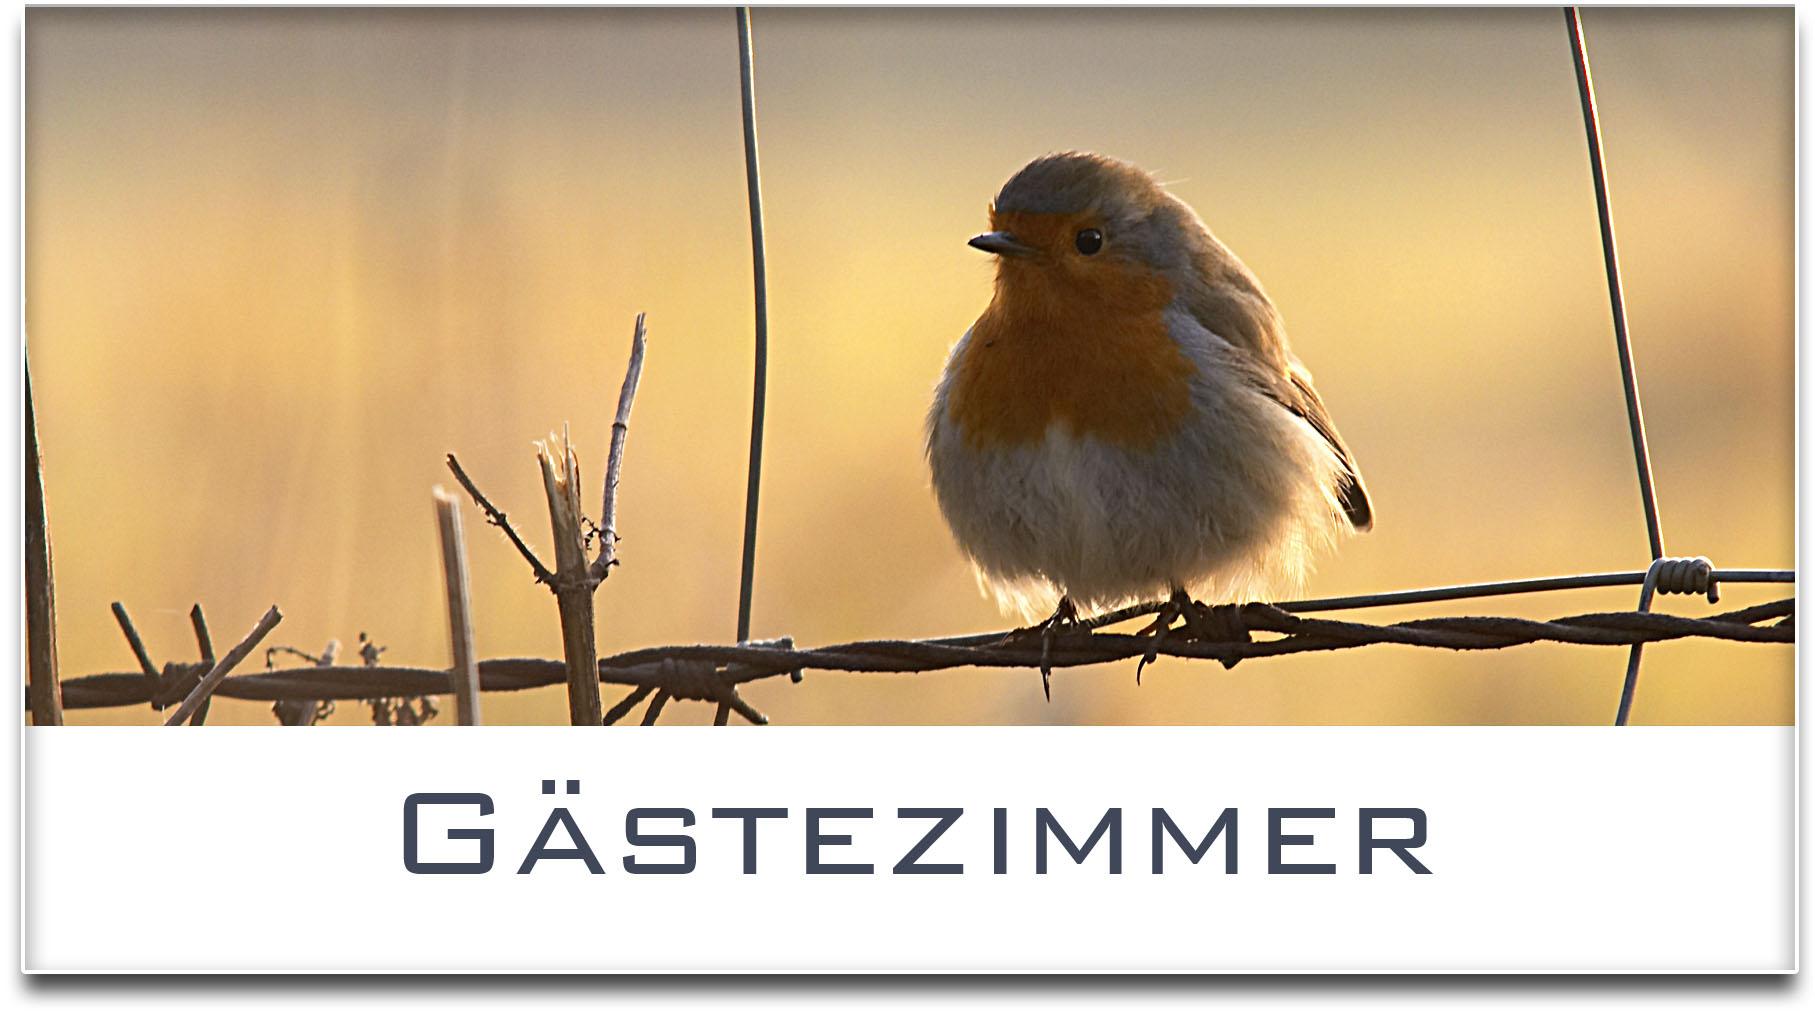 Türschild / Haustürschild / Rotkehlchen / Gästezimmer / Selbstklebend